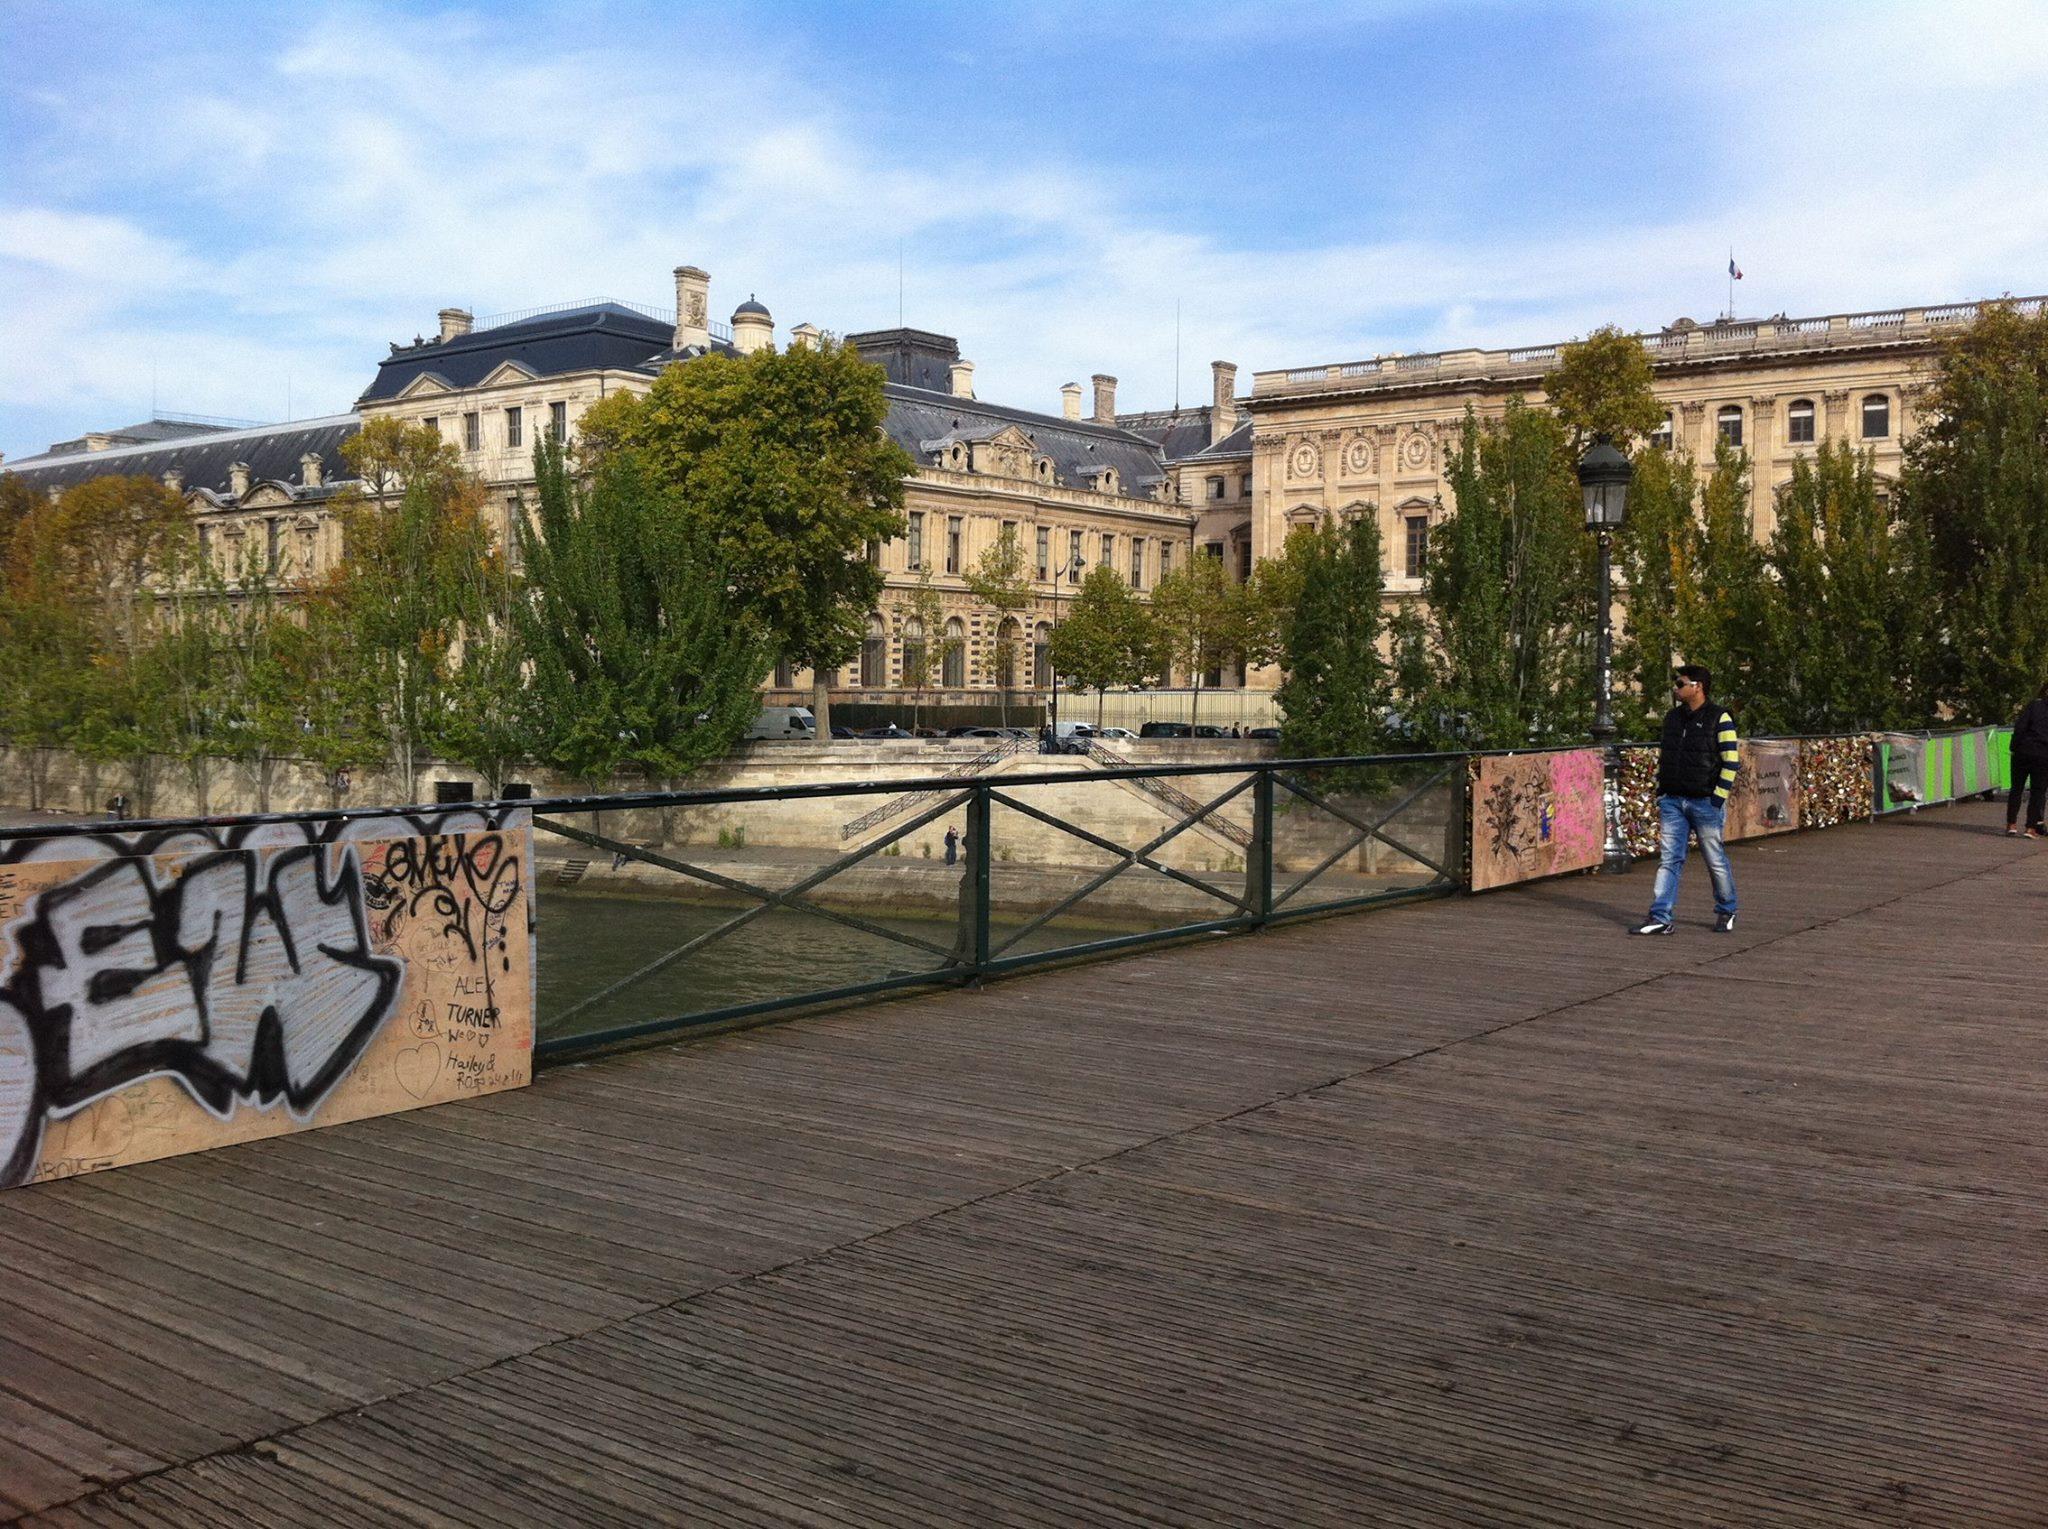 巴黎拒绝爱情锁,鼓励情侣发自拍照代之